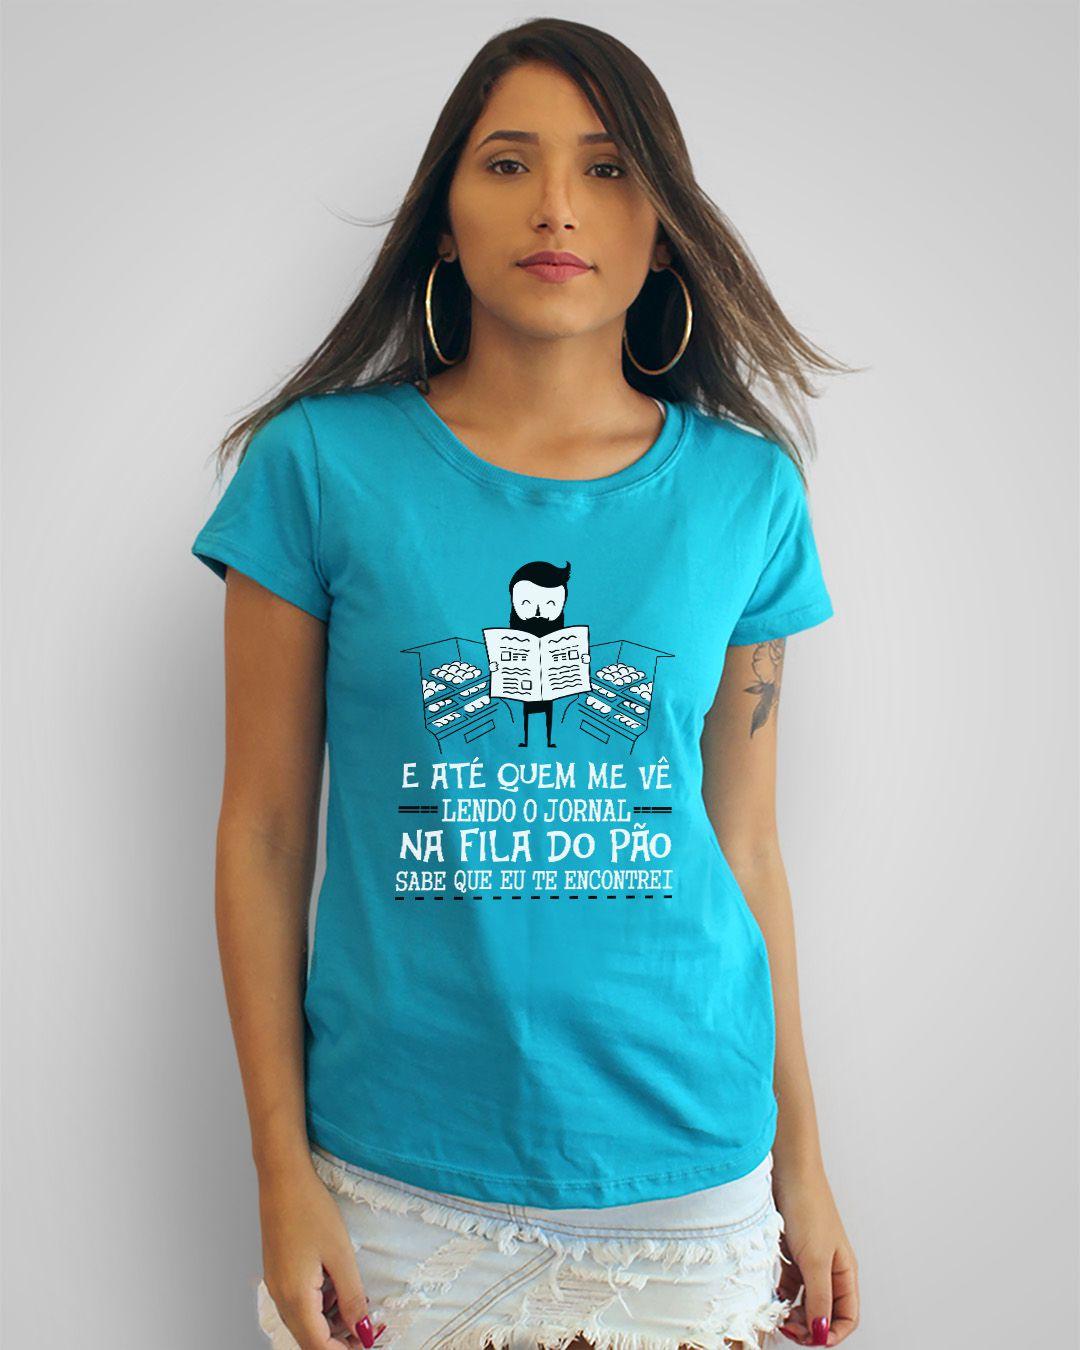 Camiseta E até quem me vê lendo o jornal... - Los Hermanos